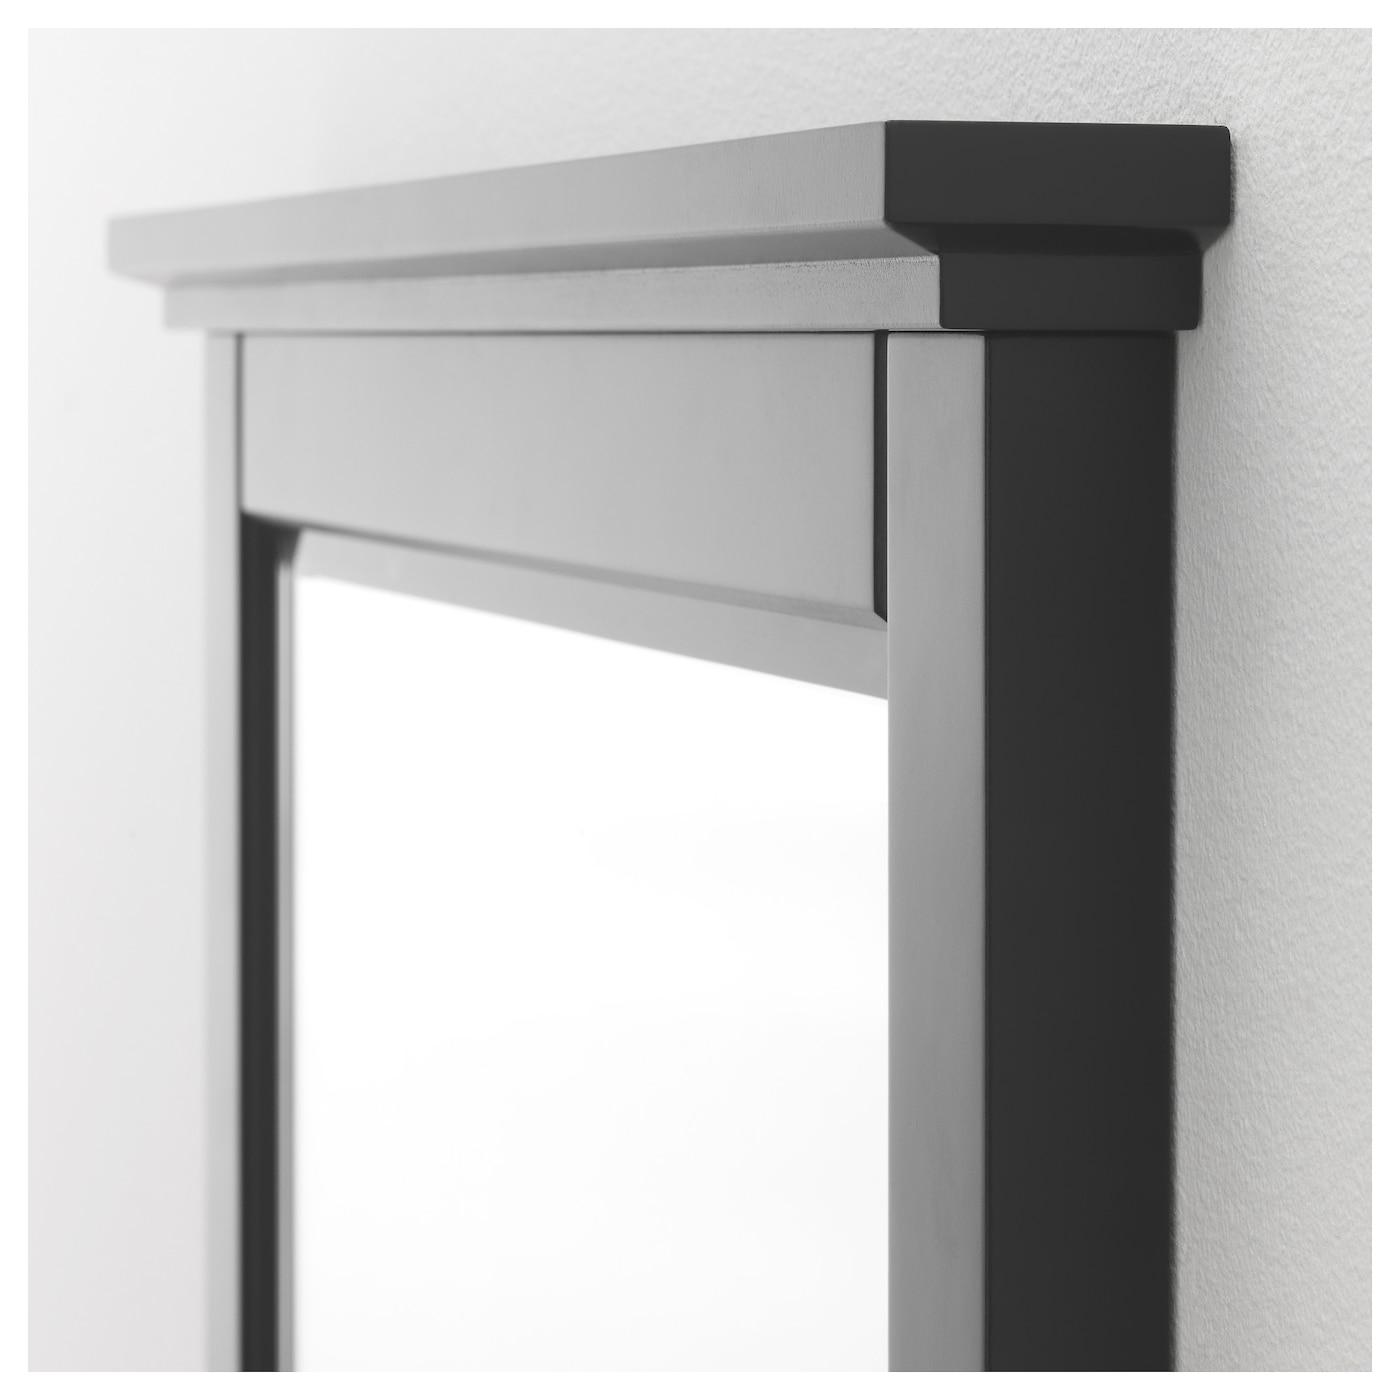 Soknedal spiegel zwart 60x80 cm ikea for Badkamer spiegel 60x80